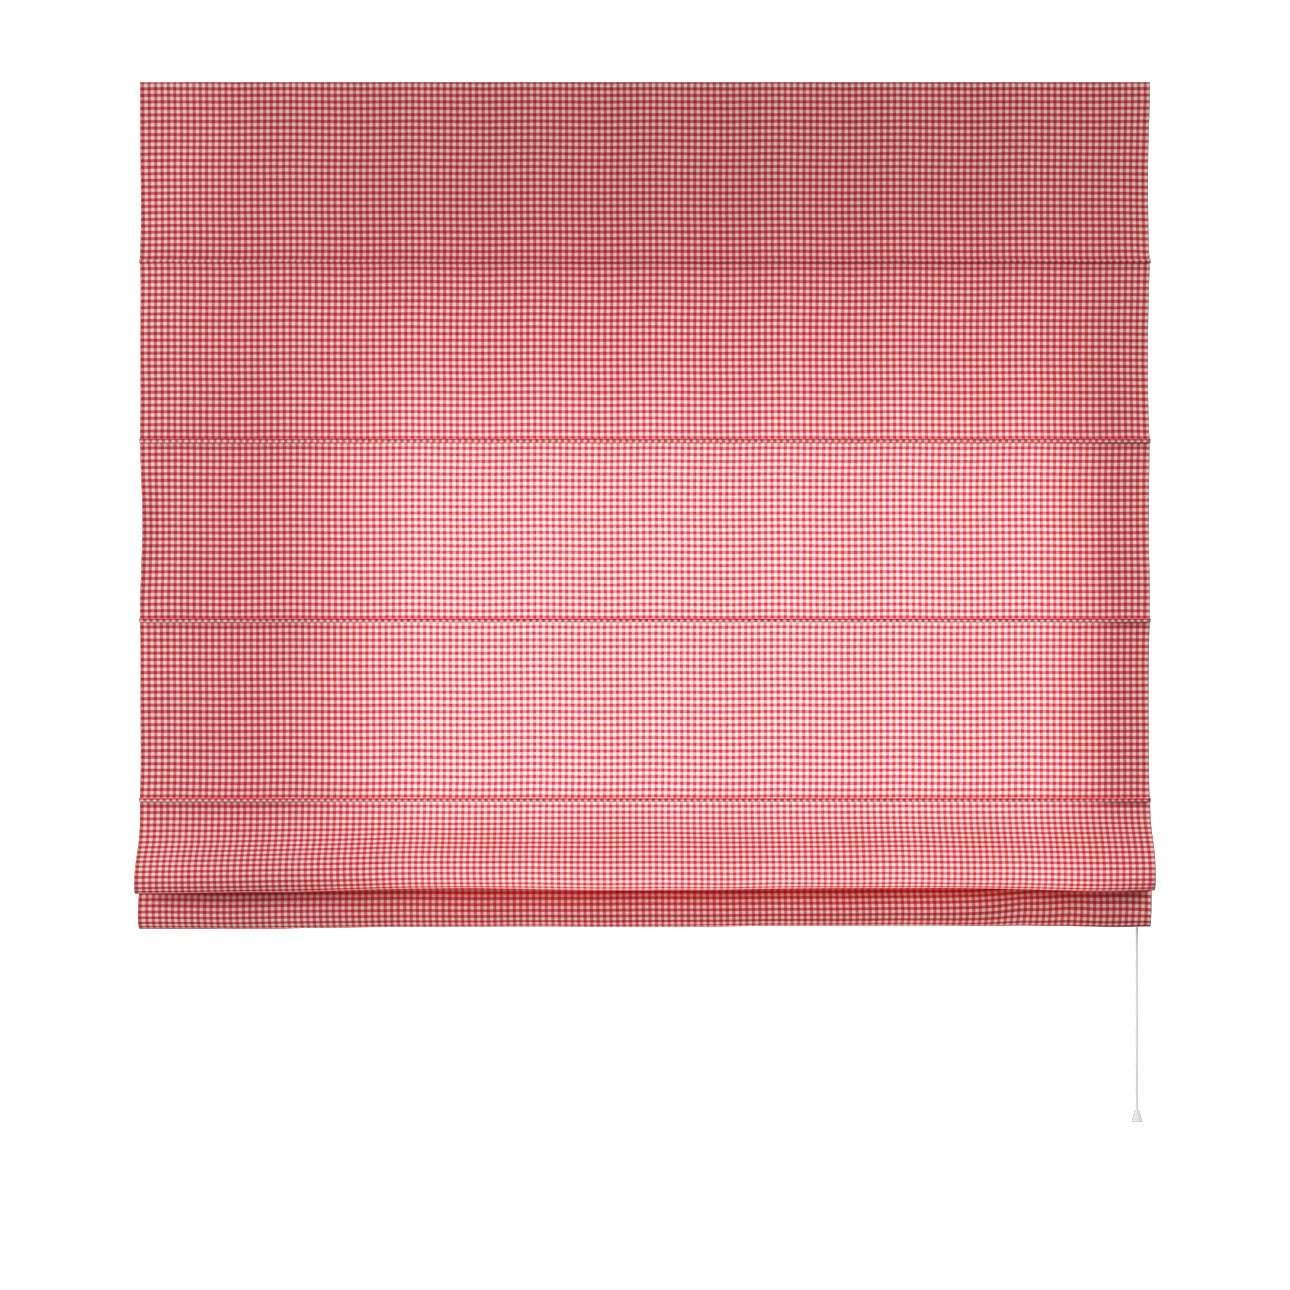 Raffrollo Capri 80 x 170 cm von der Kollektion Quadro, Stoff: 136-15